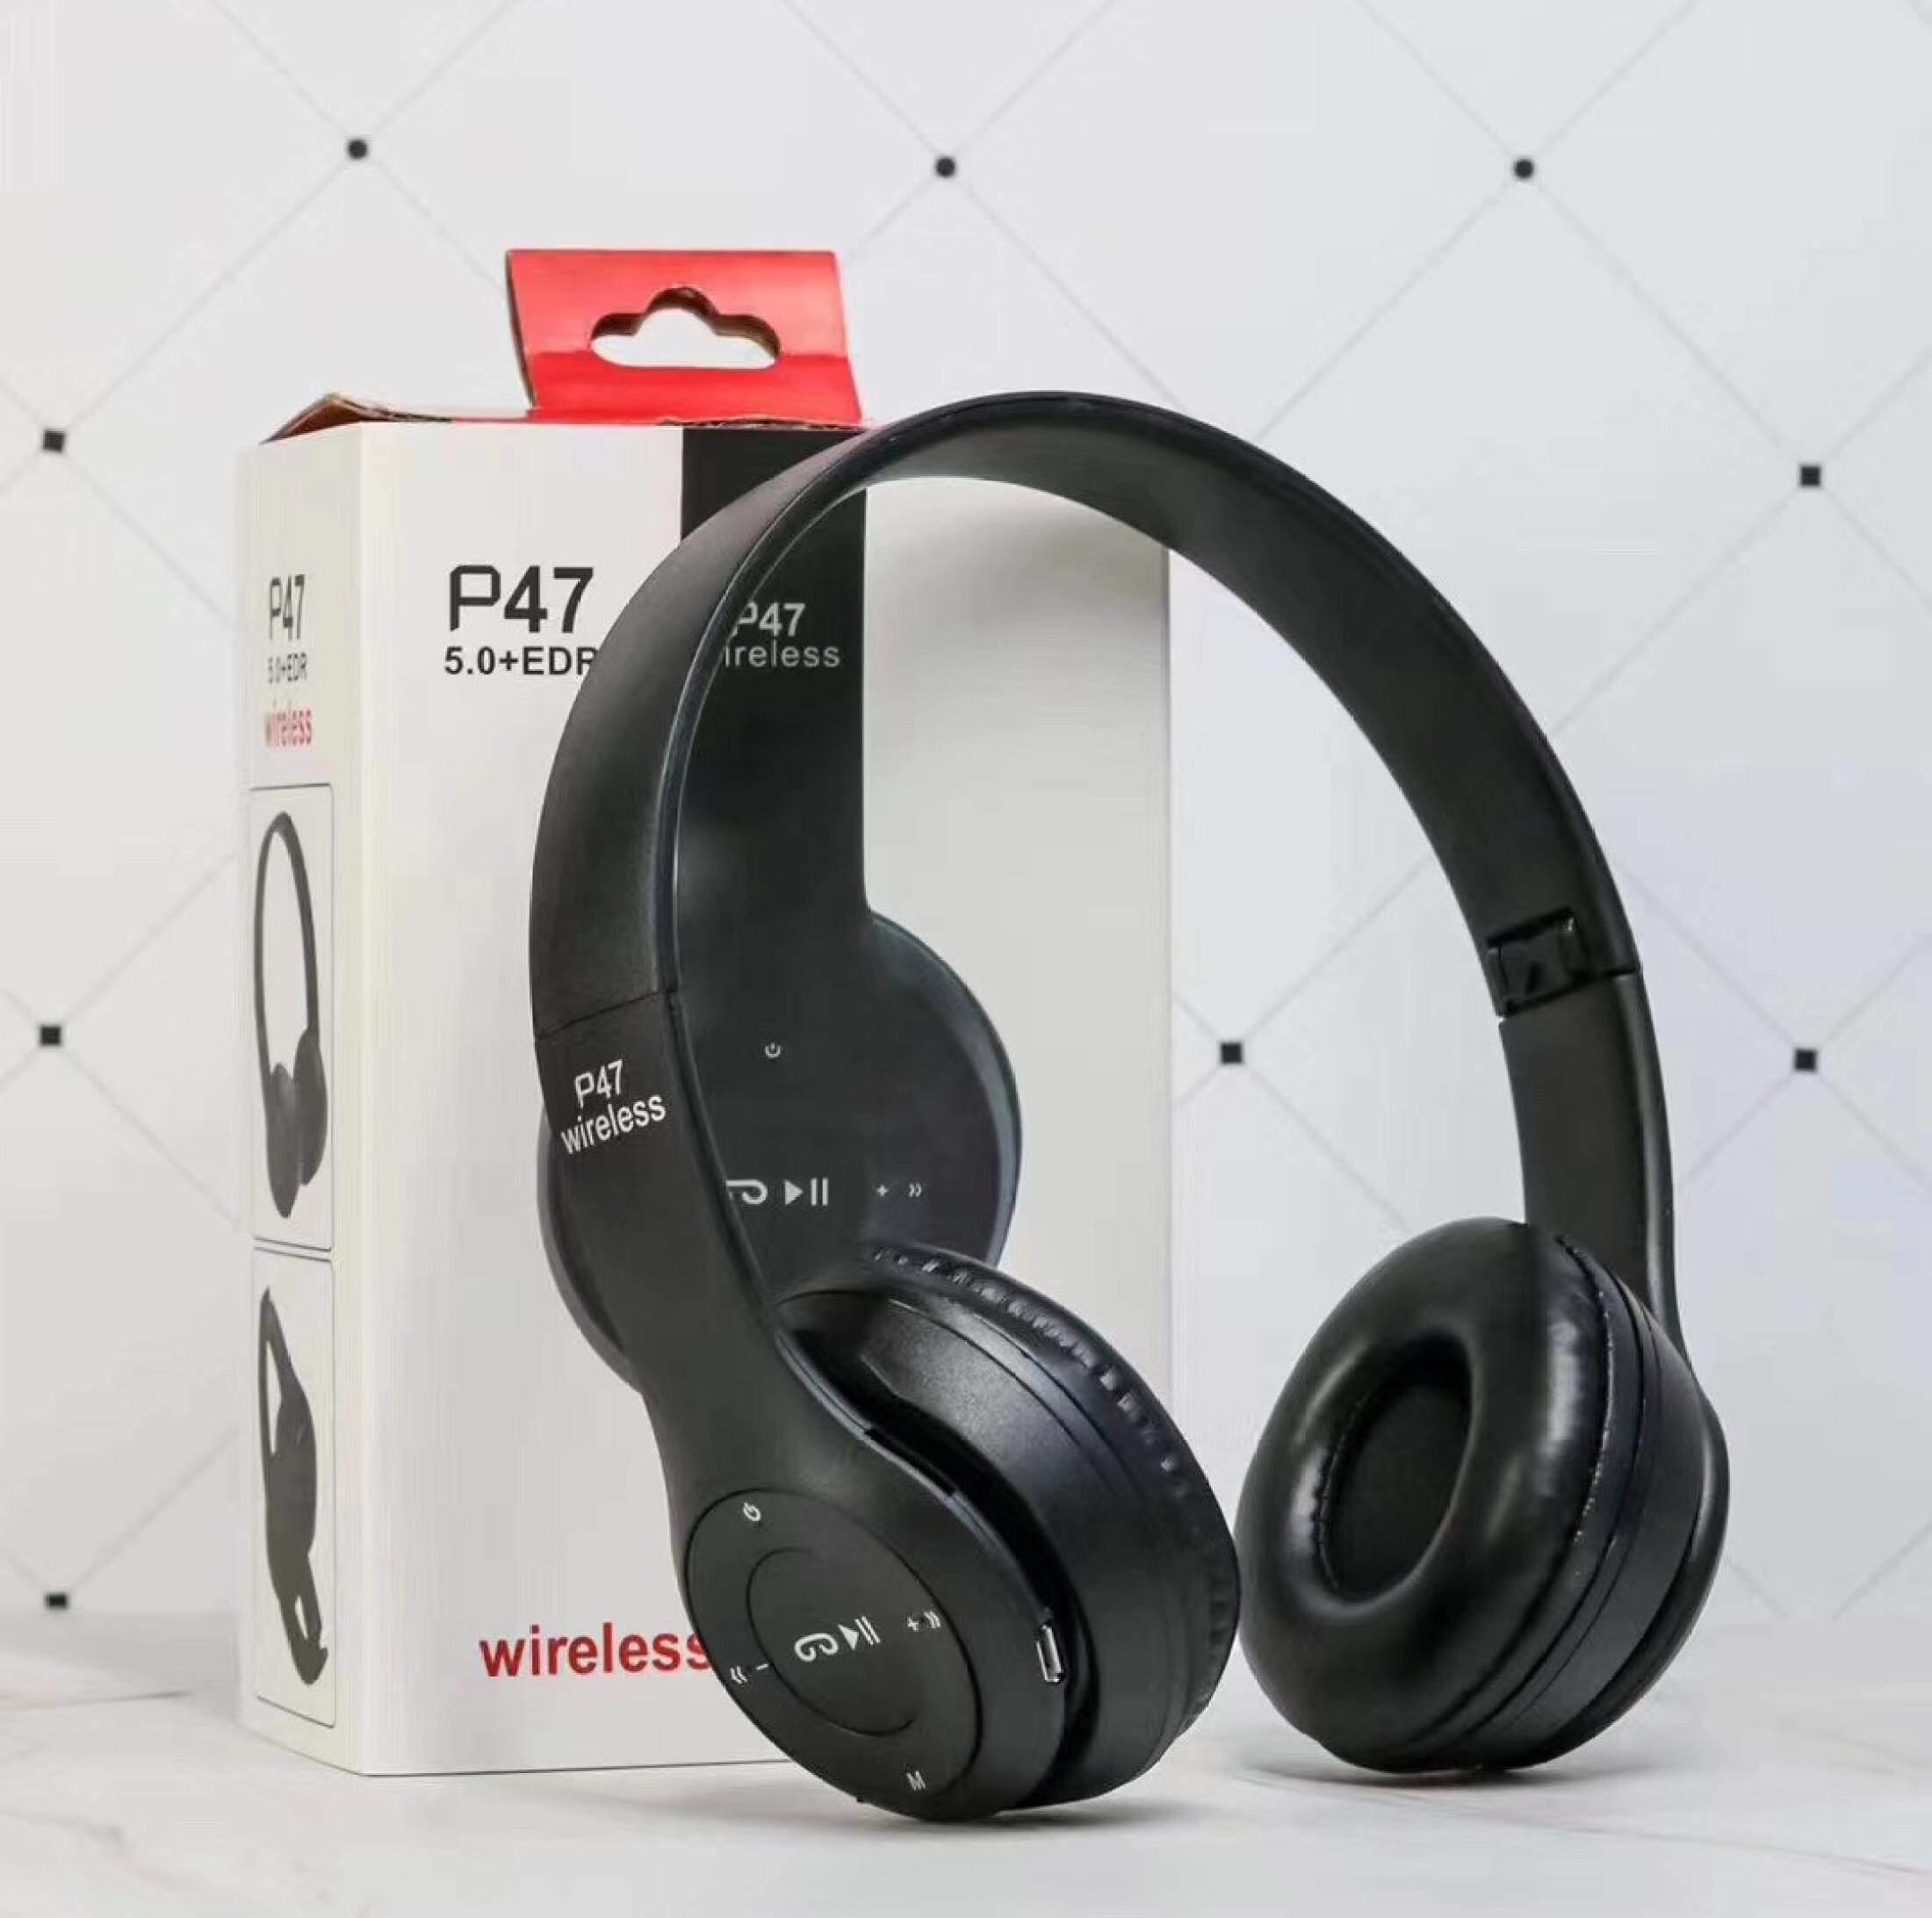 หูฟังบลูทูธ หูฟังไร้สาย หูฟัง Bluetooth 5.0 รุ่น P47 Wireless Headphones